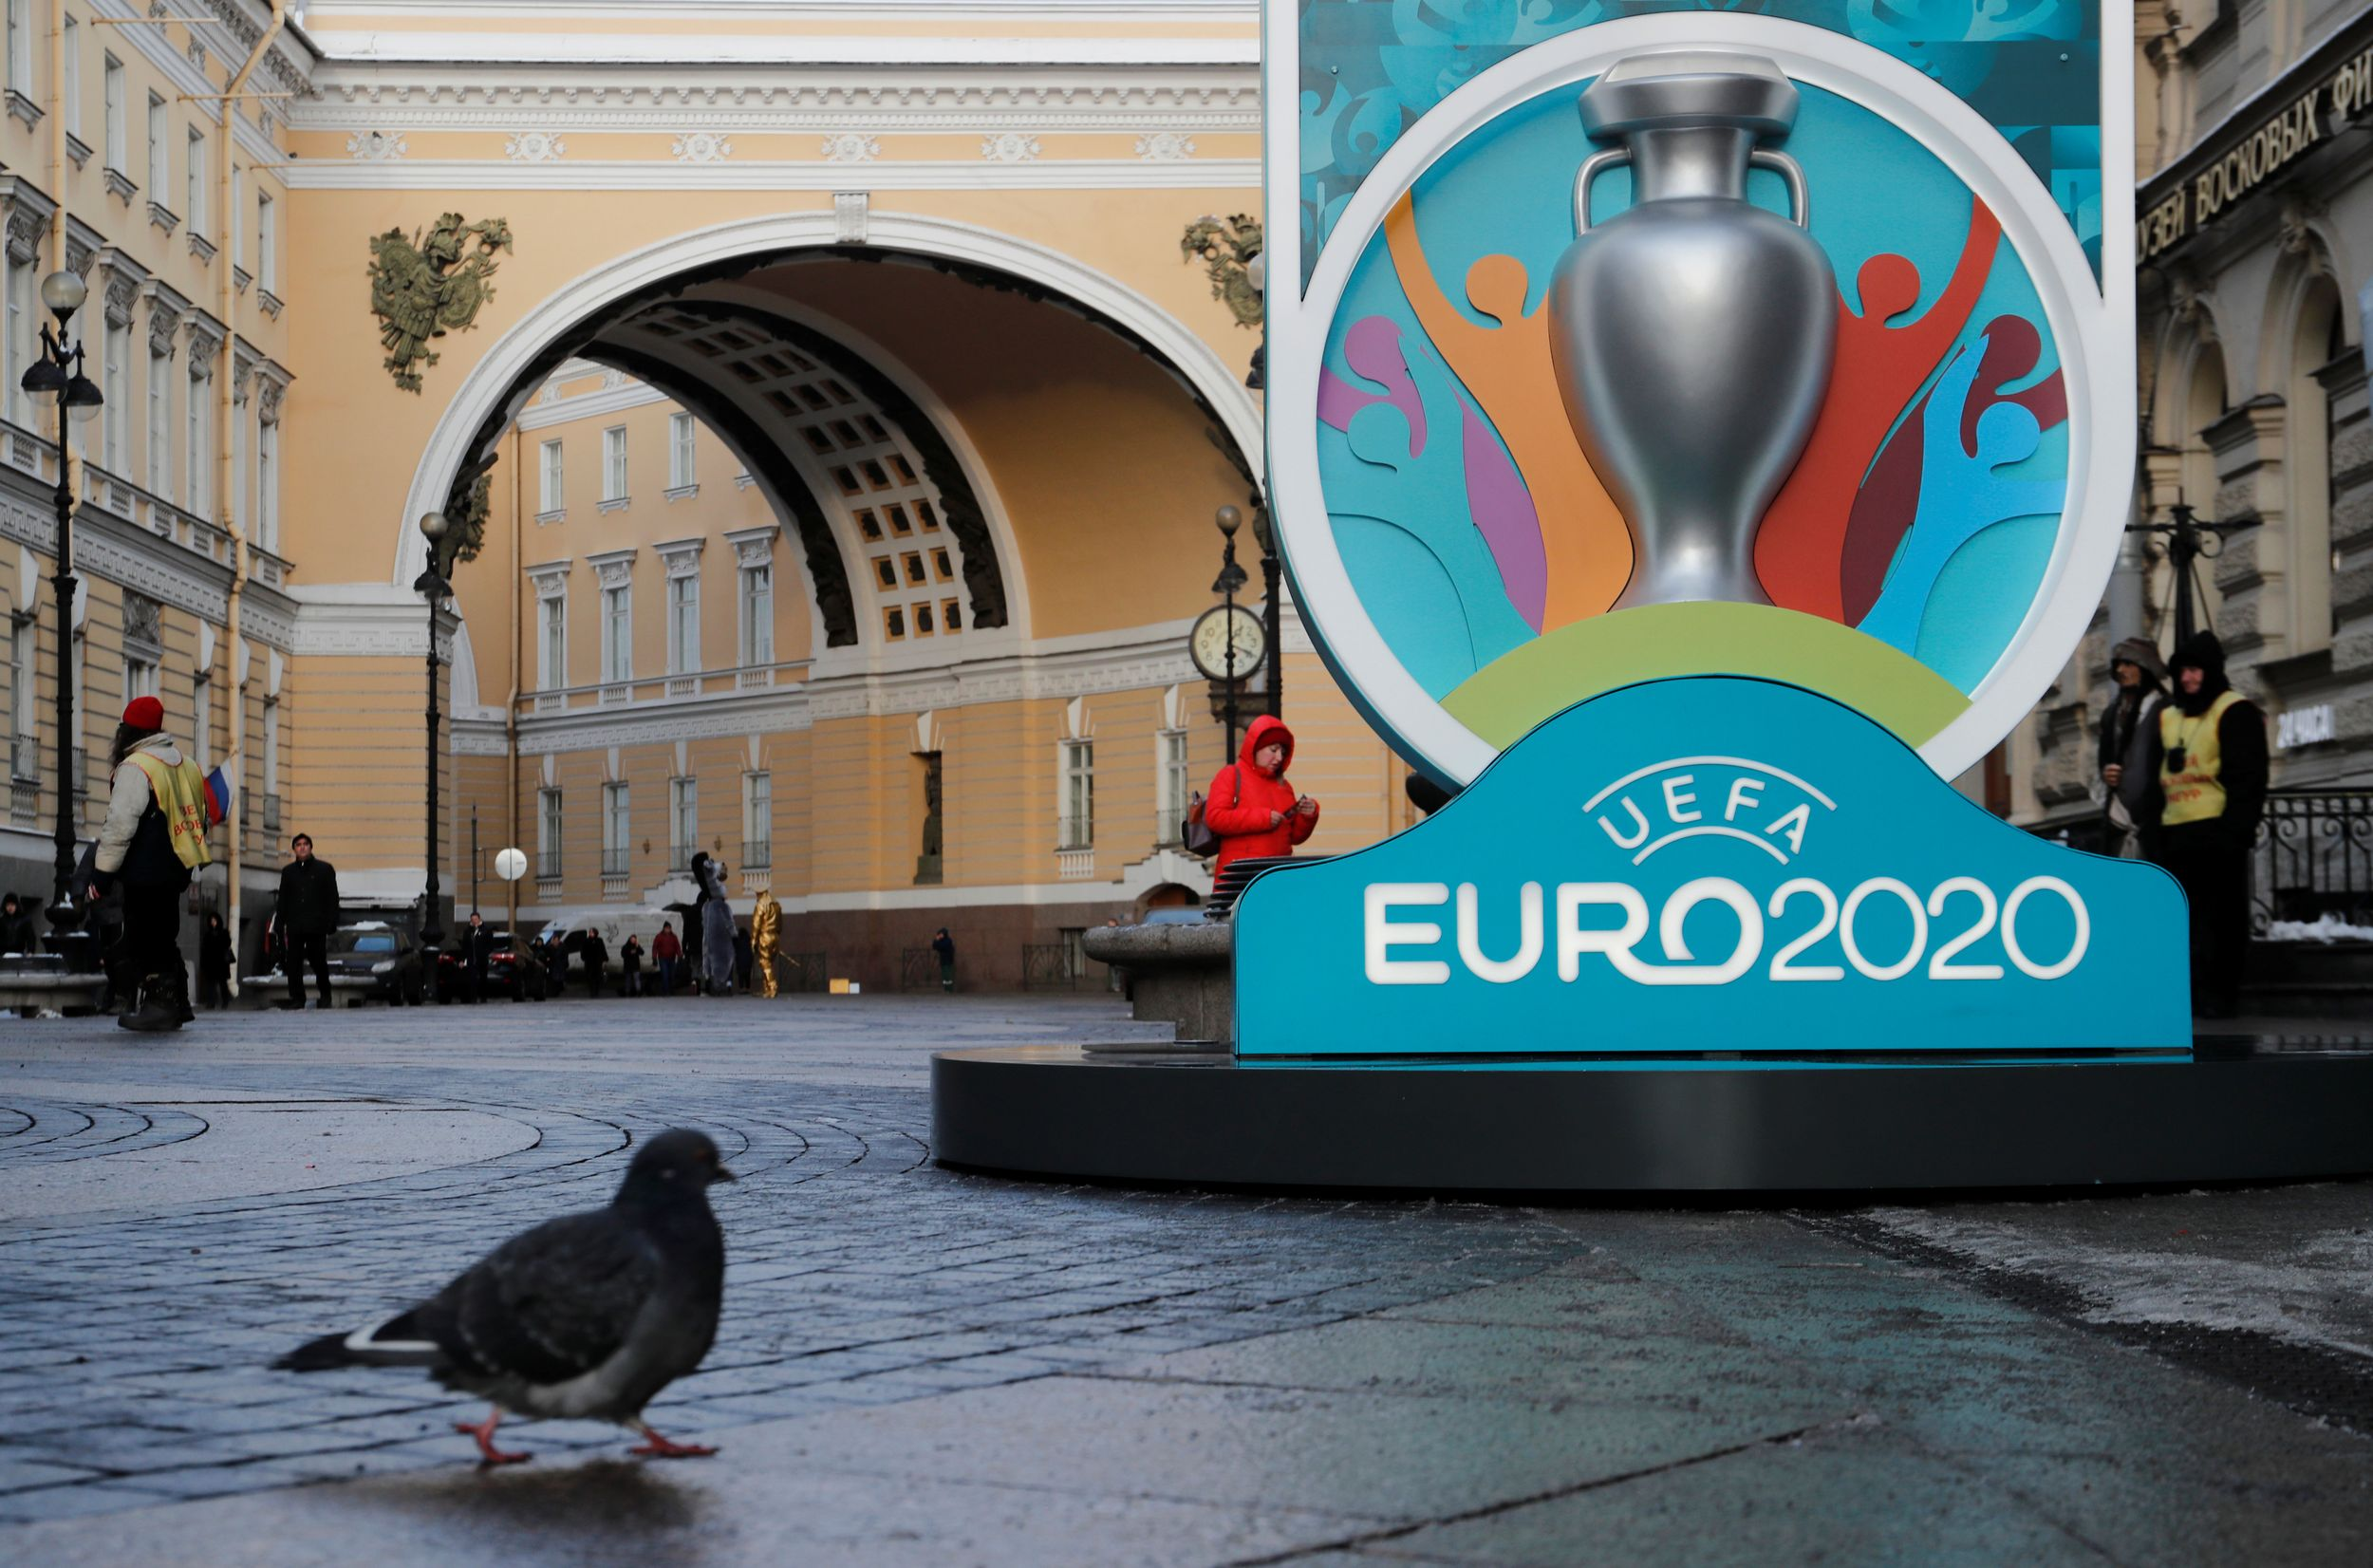 Football - Euro 2020 - Billets de l'Euro 2020 : tout ce qu'il faut savoir pour dénicher le précieux sésame